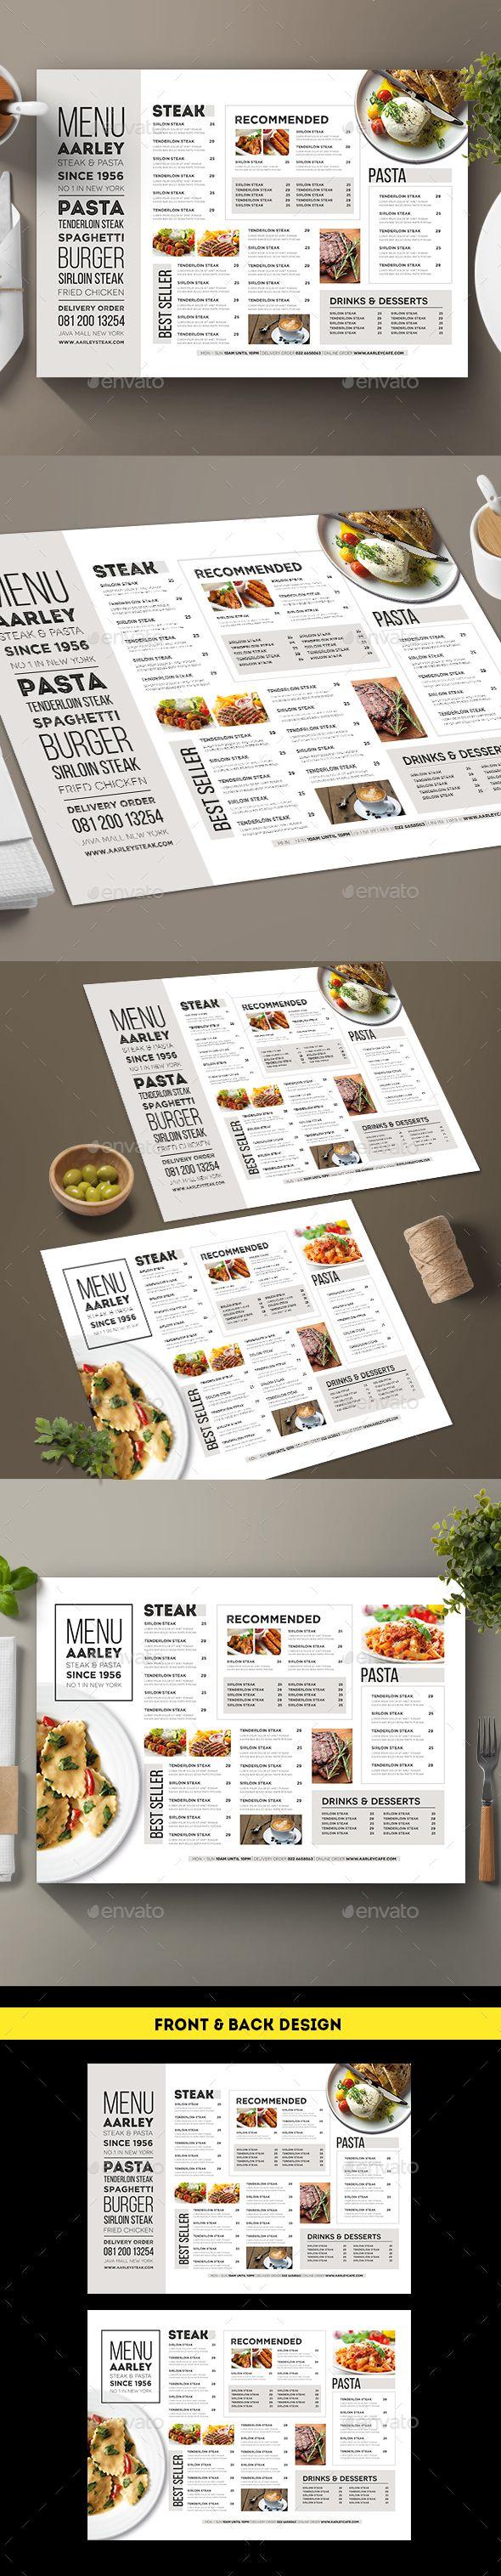 #menus